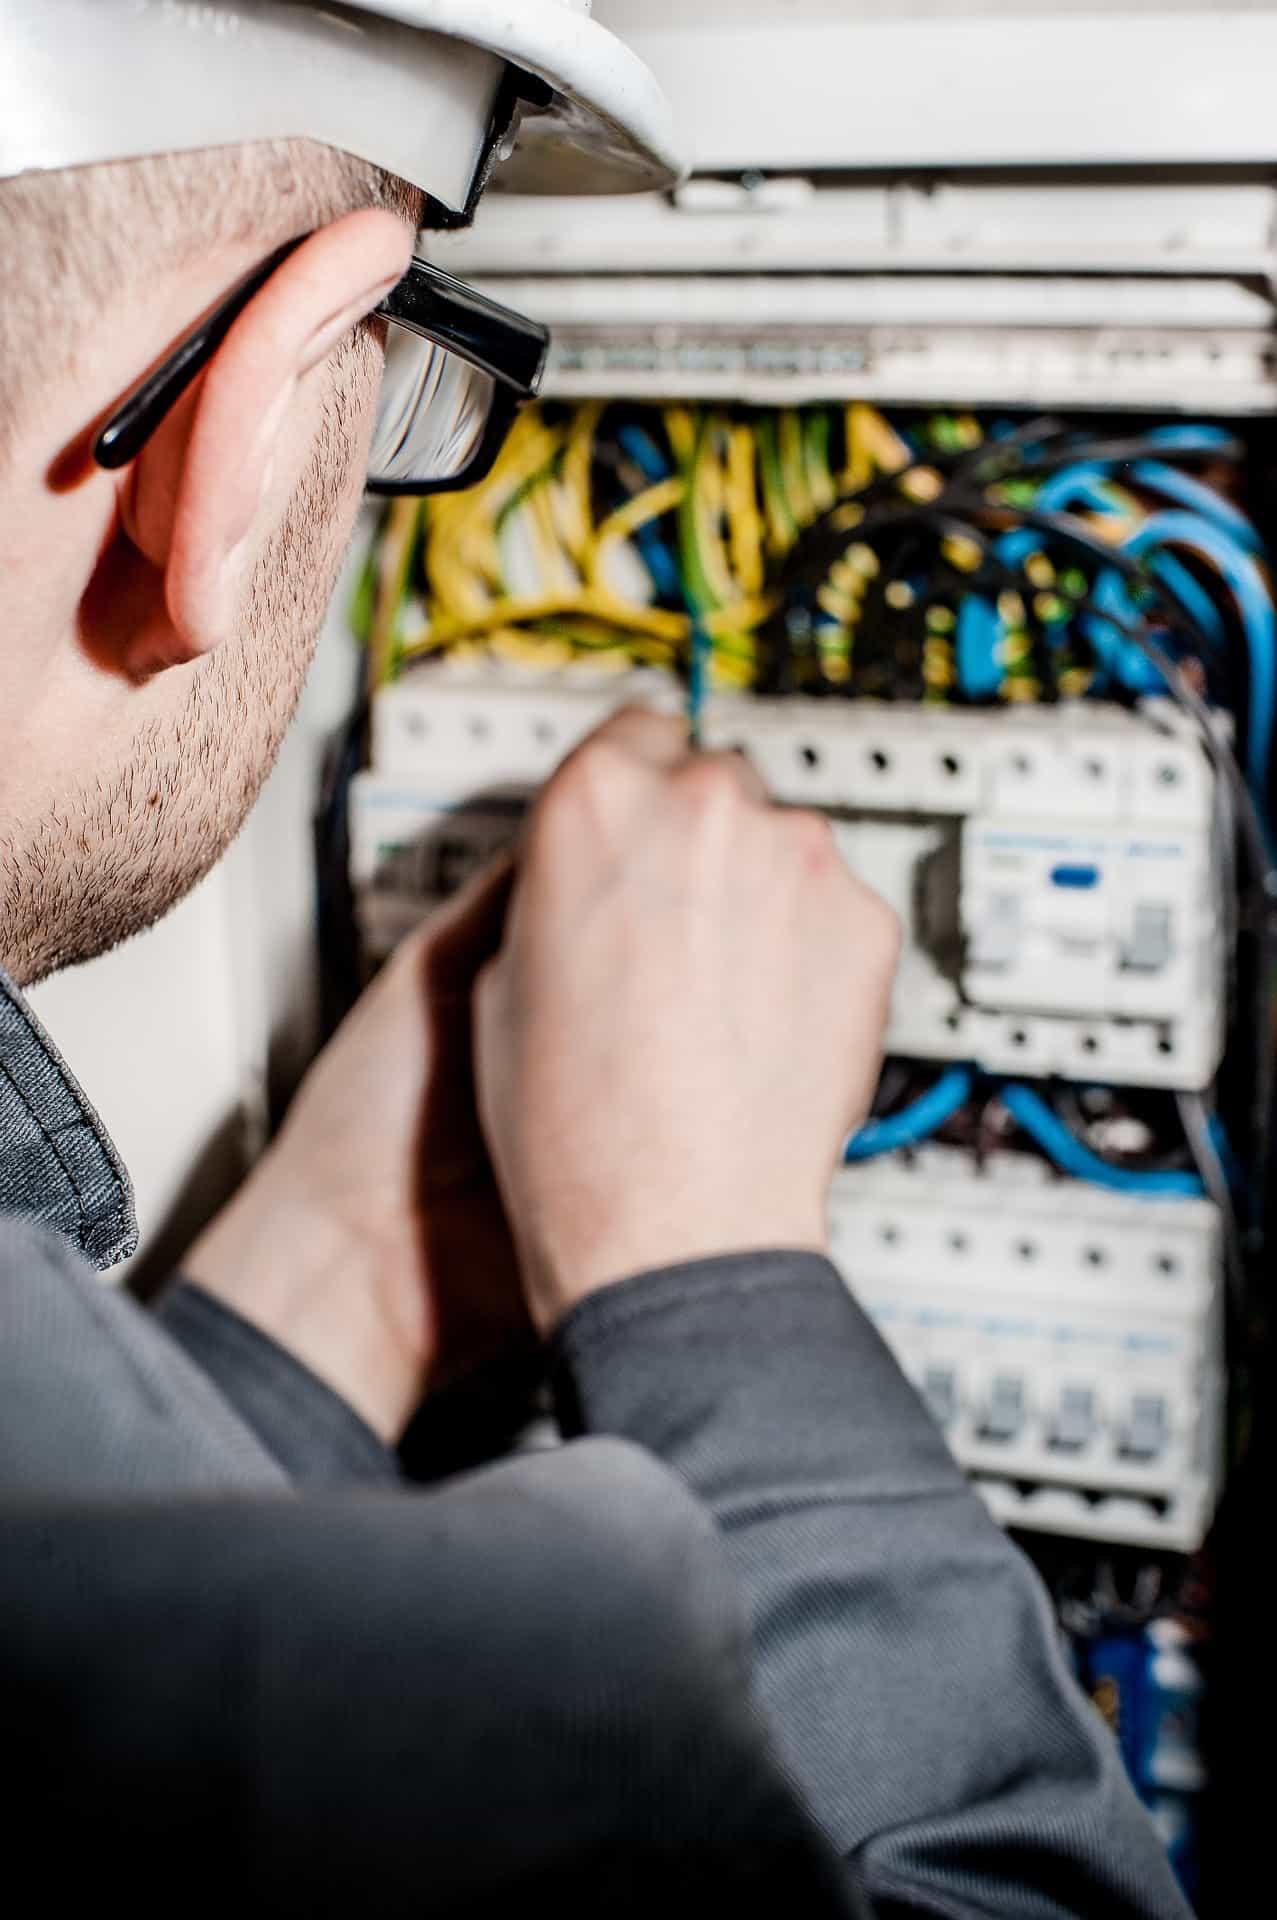 electrician-1080574_1920-min.jpg